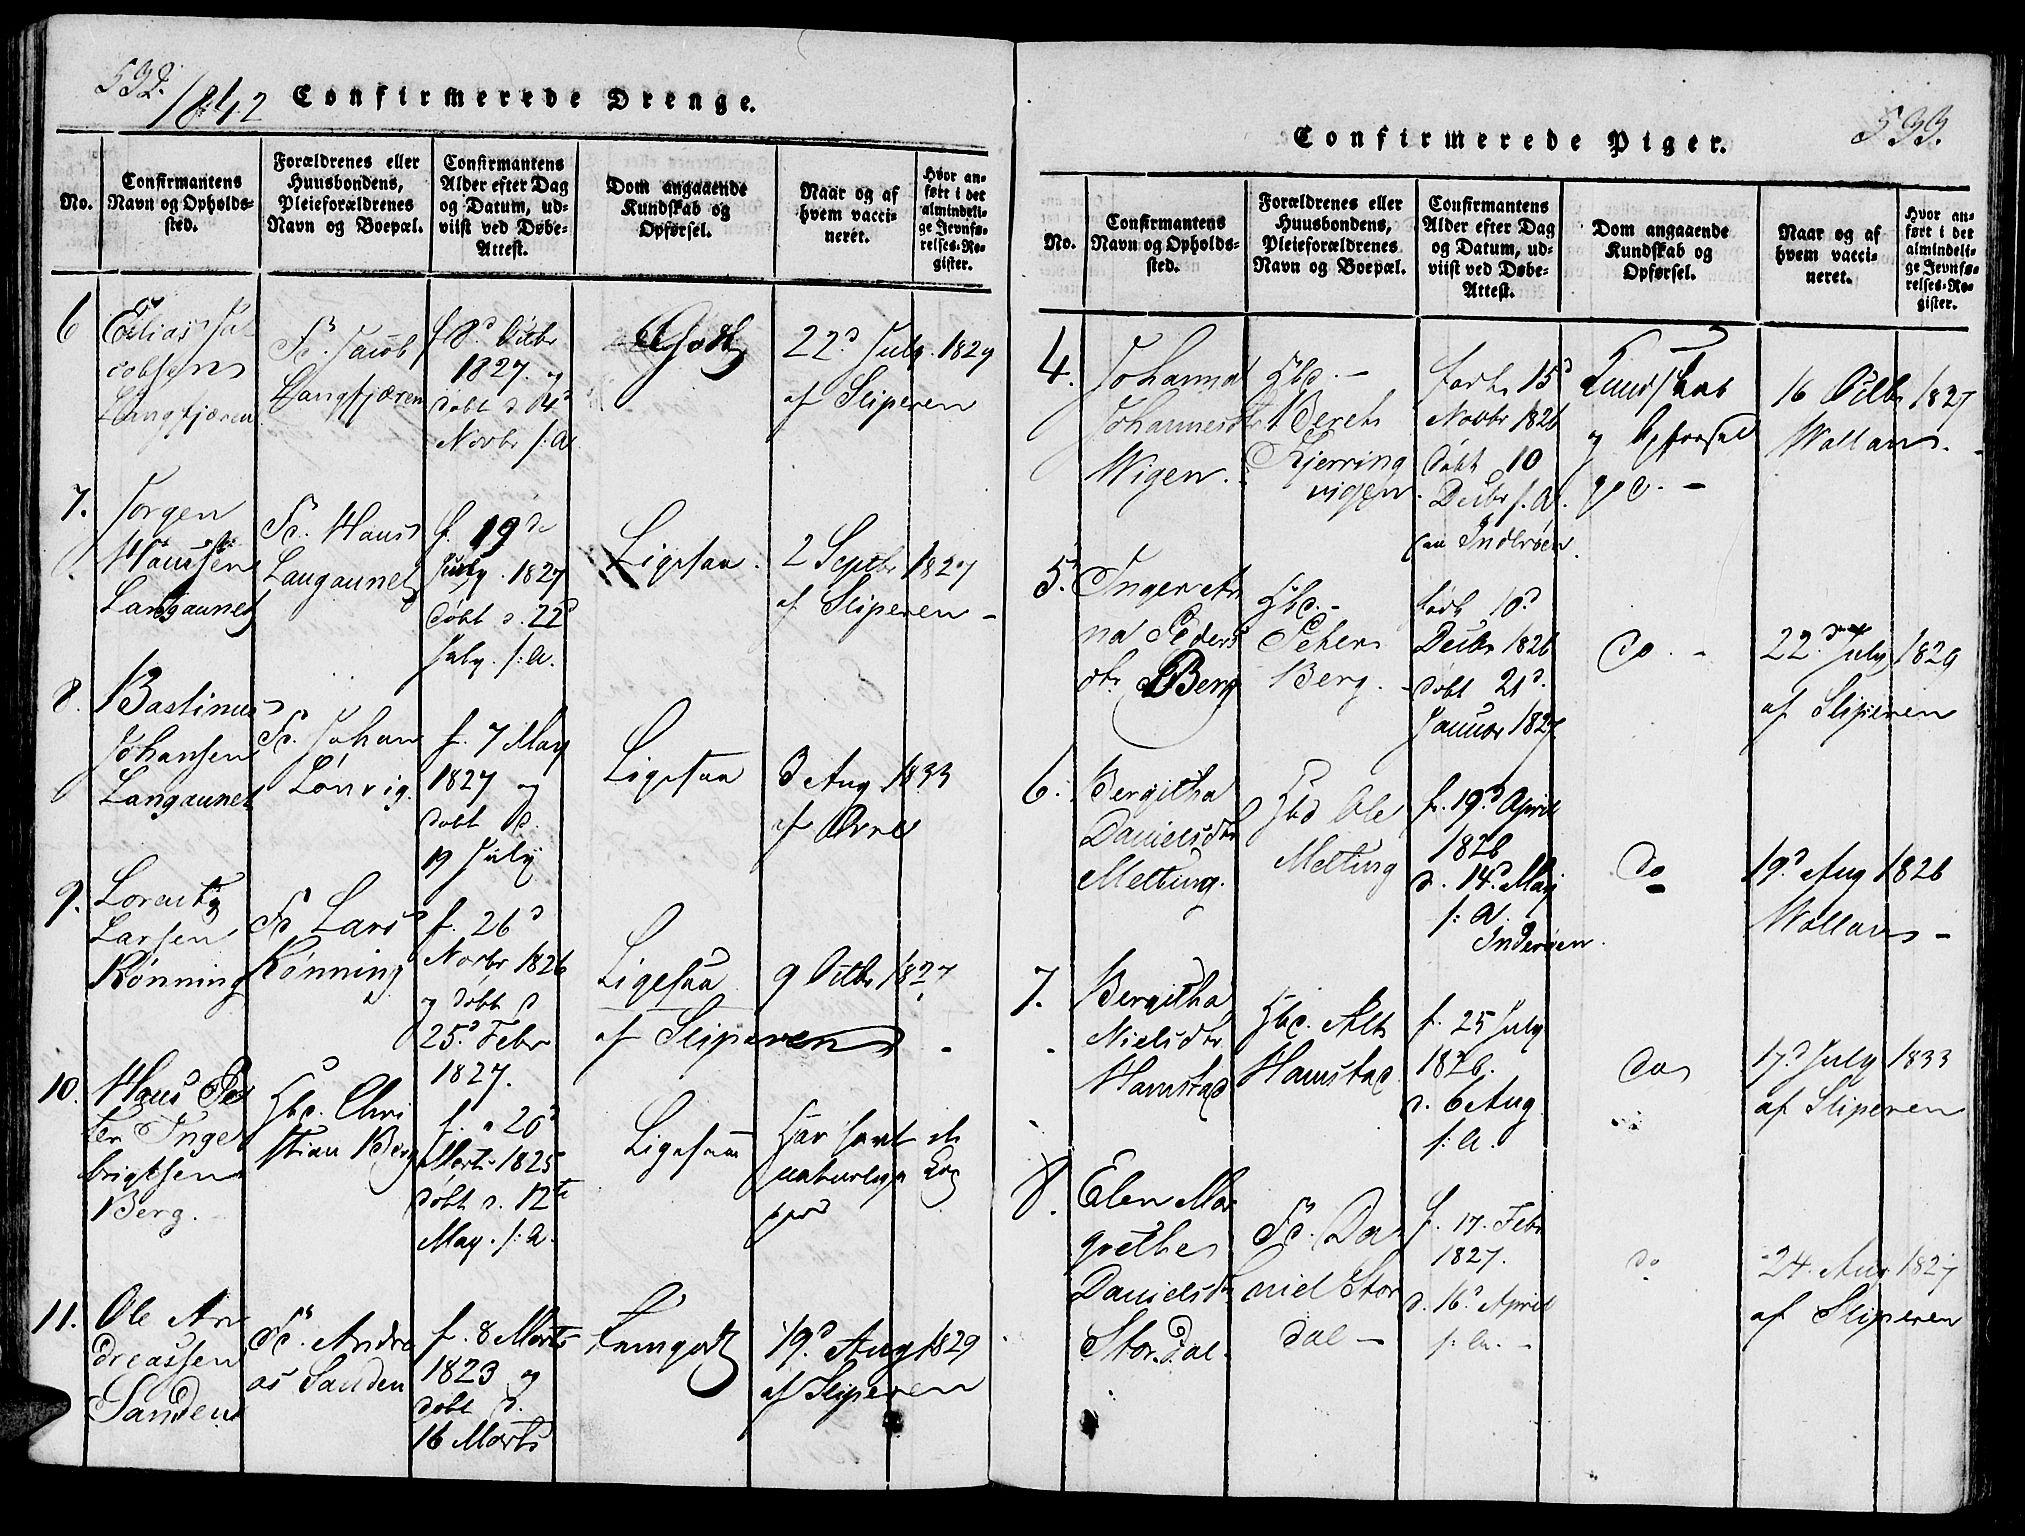 SAT, Ministerialprotokoller, klokkerbøker og fødselsregistre - Nord-Trøndelag, 733/L0322: Ministerialbok nr. 733A01, 1817-1842, s. 532-533